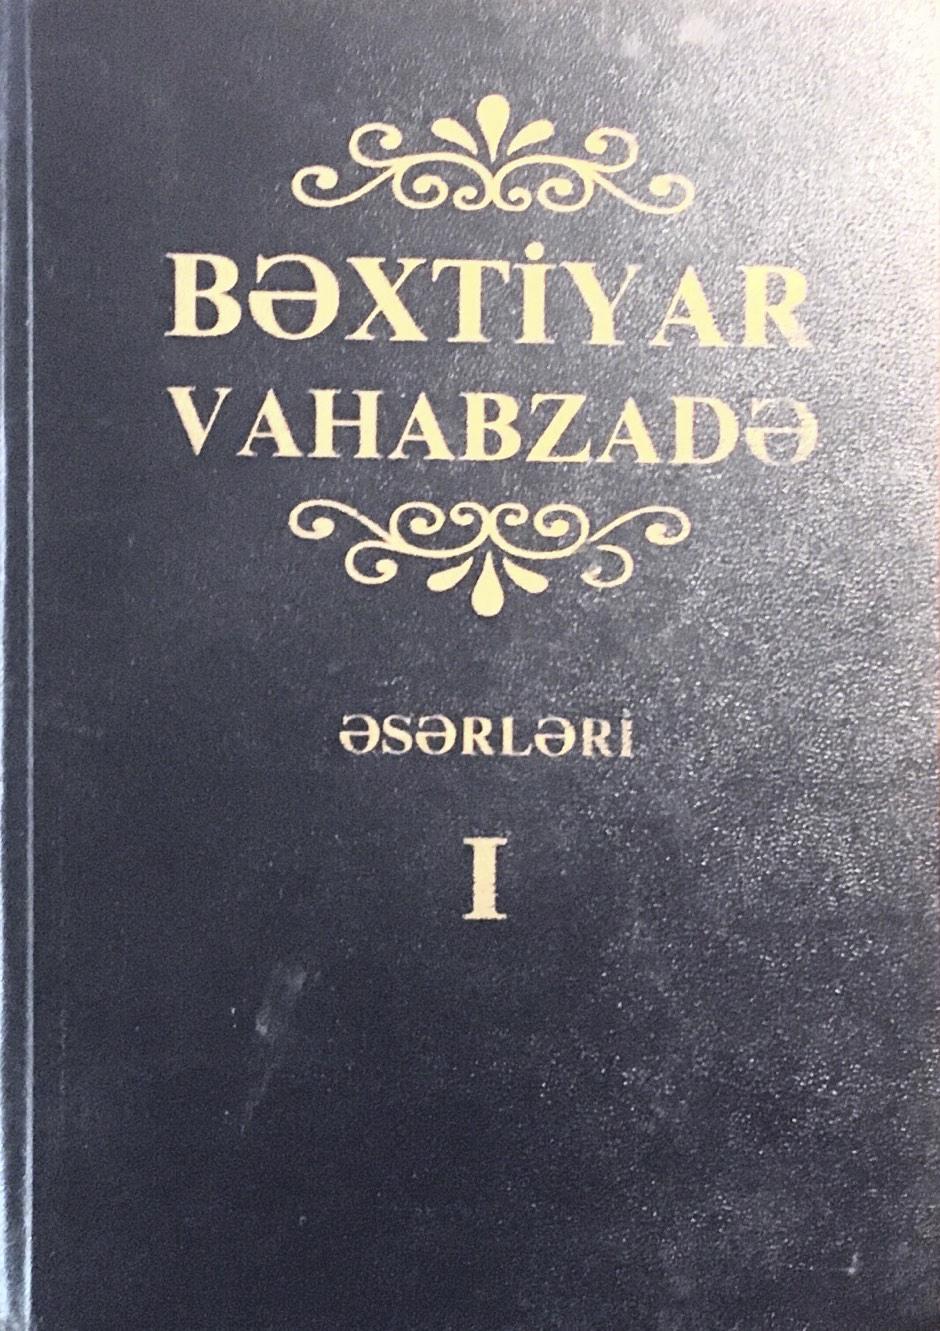 BƏXTİYAR VAHABZADƏ. ƏSƏRLƏRİ. 12 CİLDDƏ /TƏRT., ÖN SÖZ MÜƏL. VƏ RED. RAMAZAN QAFARLI/ 1-ci cild (1949-1959)